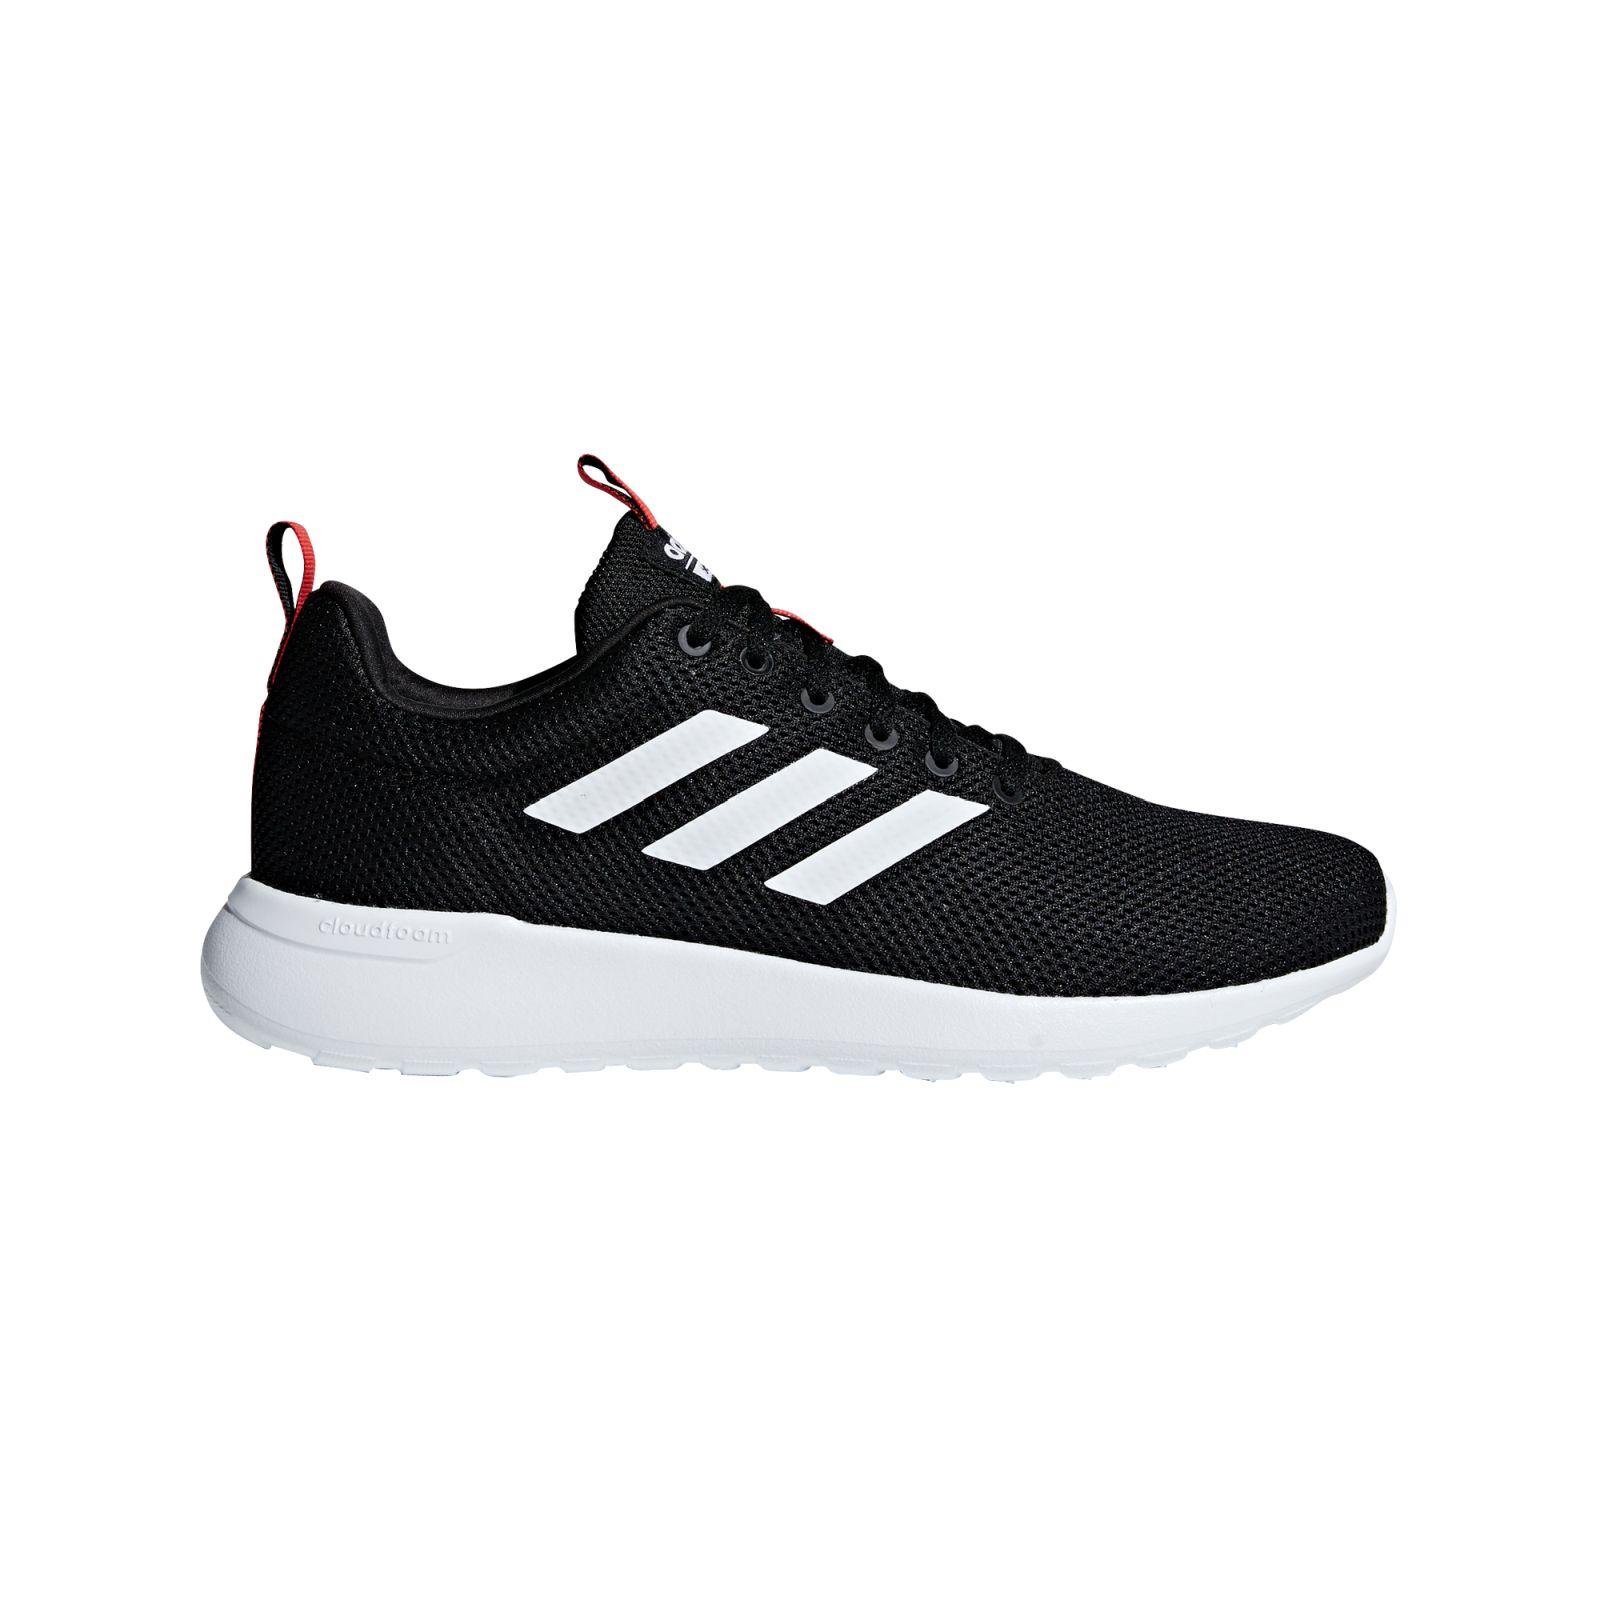 Sneaker Kaufen Preisdealsan Zum Besten Schuhe Adidas Blau